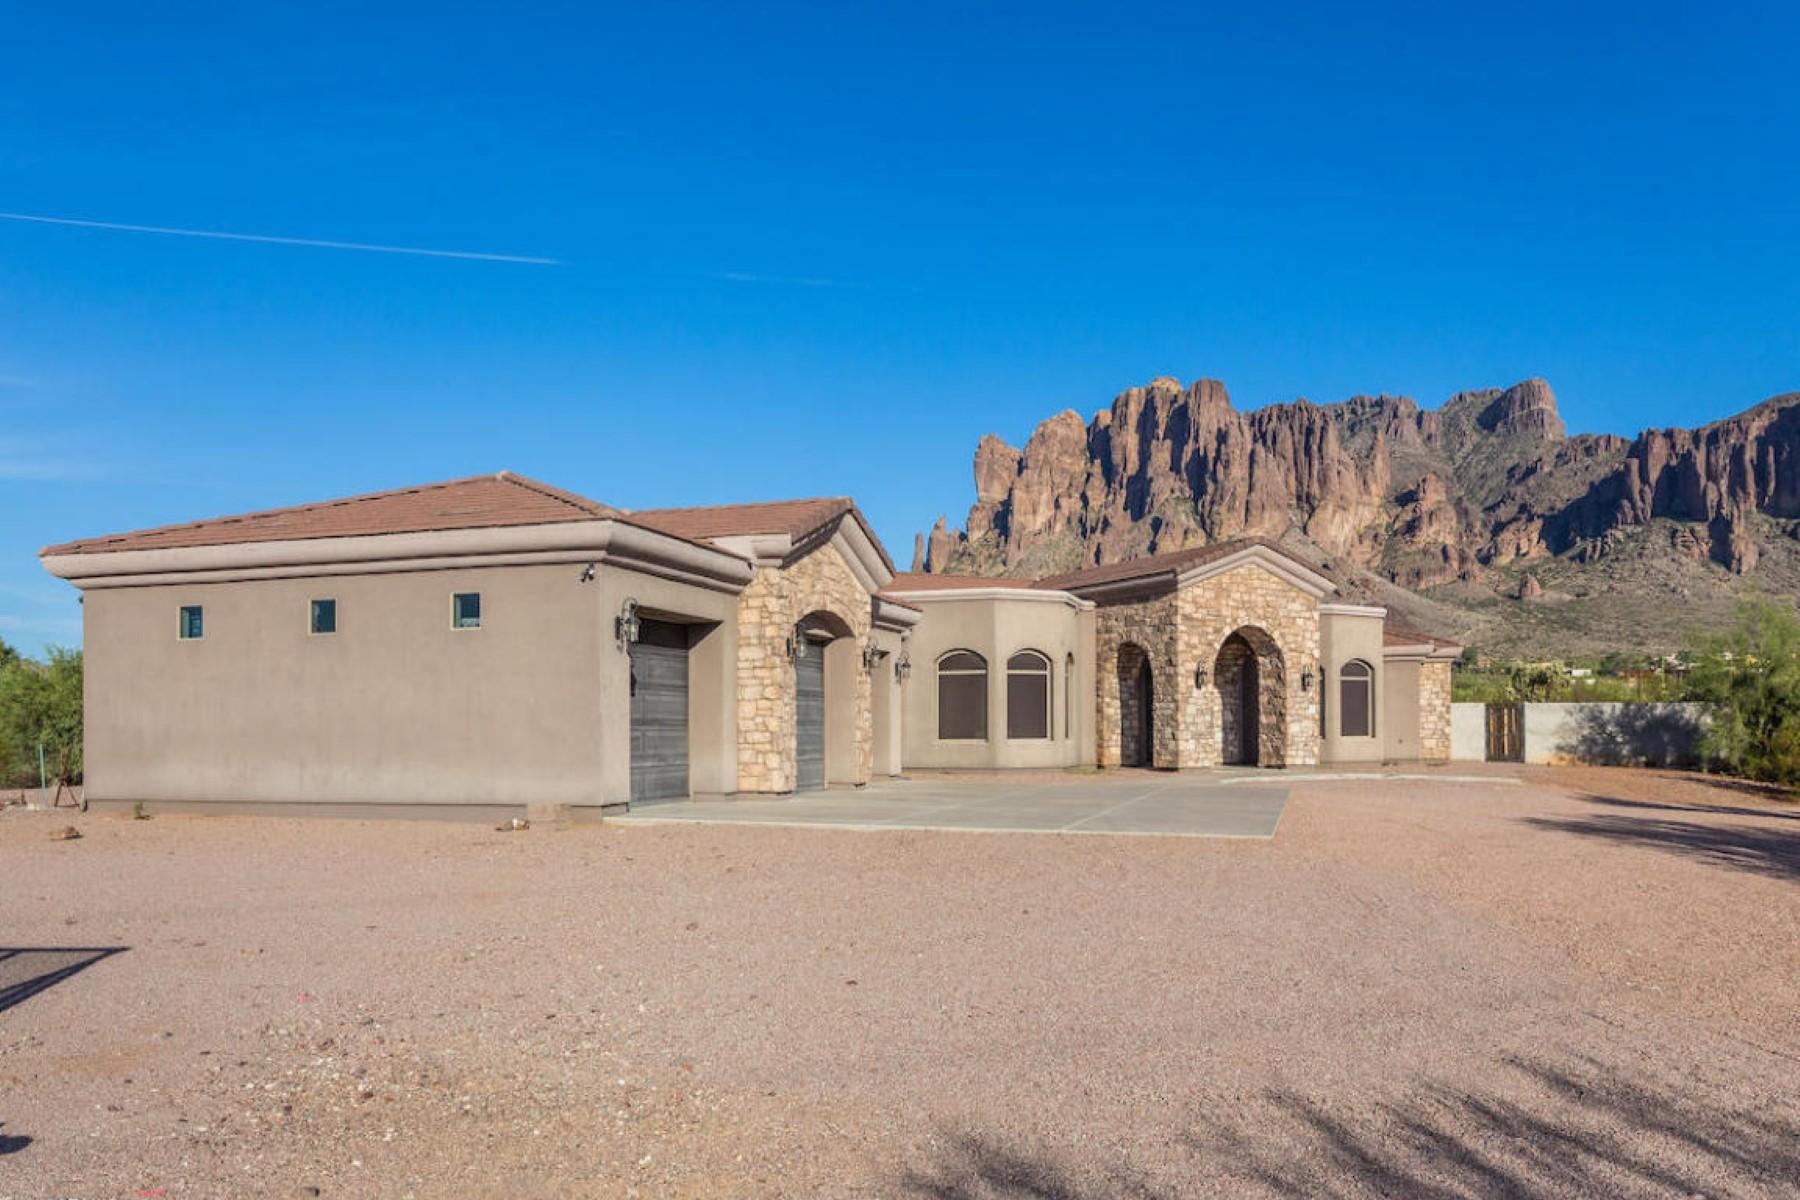 Maison unifamiliale pour l Vente à Lovely Apache Junction home 5501 E Jeffery Trl Apache Junction, Arizona, 85119 États-Unis